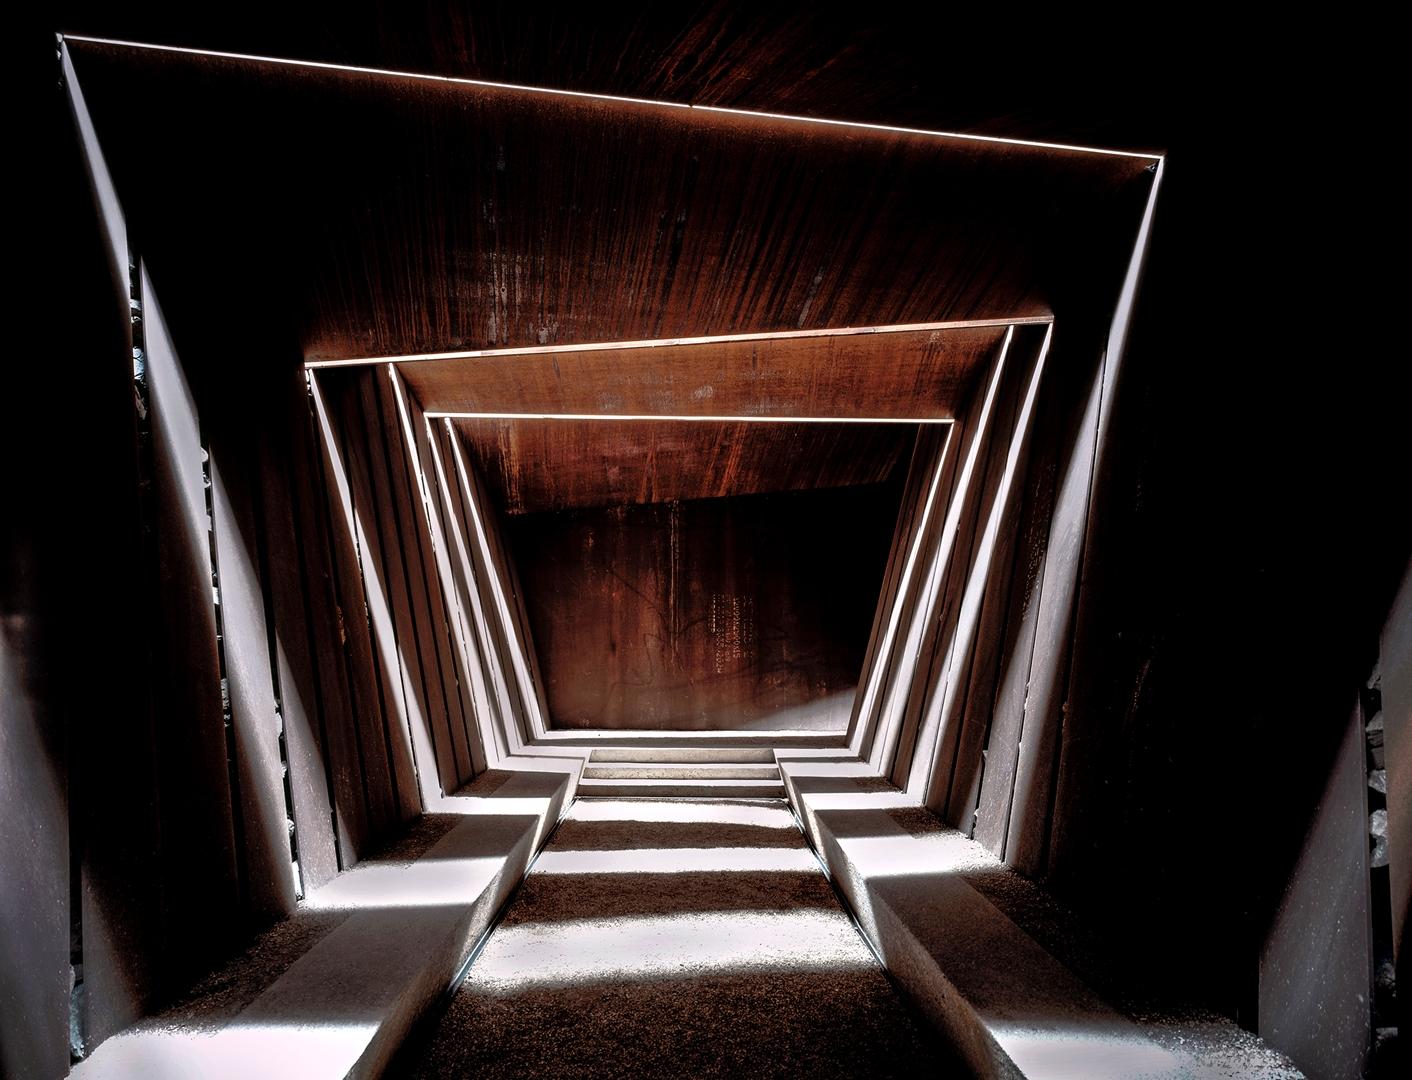 Vista del interior de la bodega Bell-Lloc hacia la sala de degustación. El diseño permite que el aire, la luz y la lluvia entren y creen sombras siempre cambiantes.